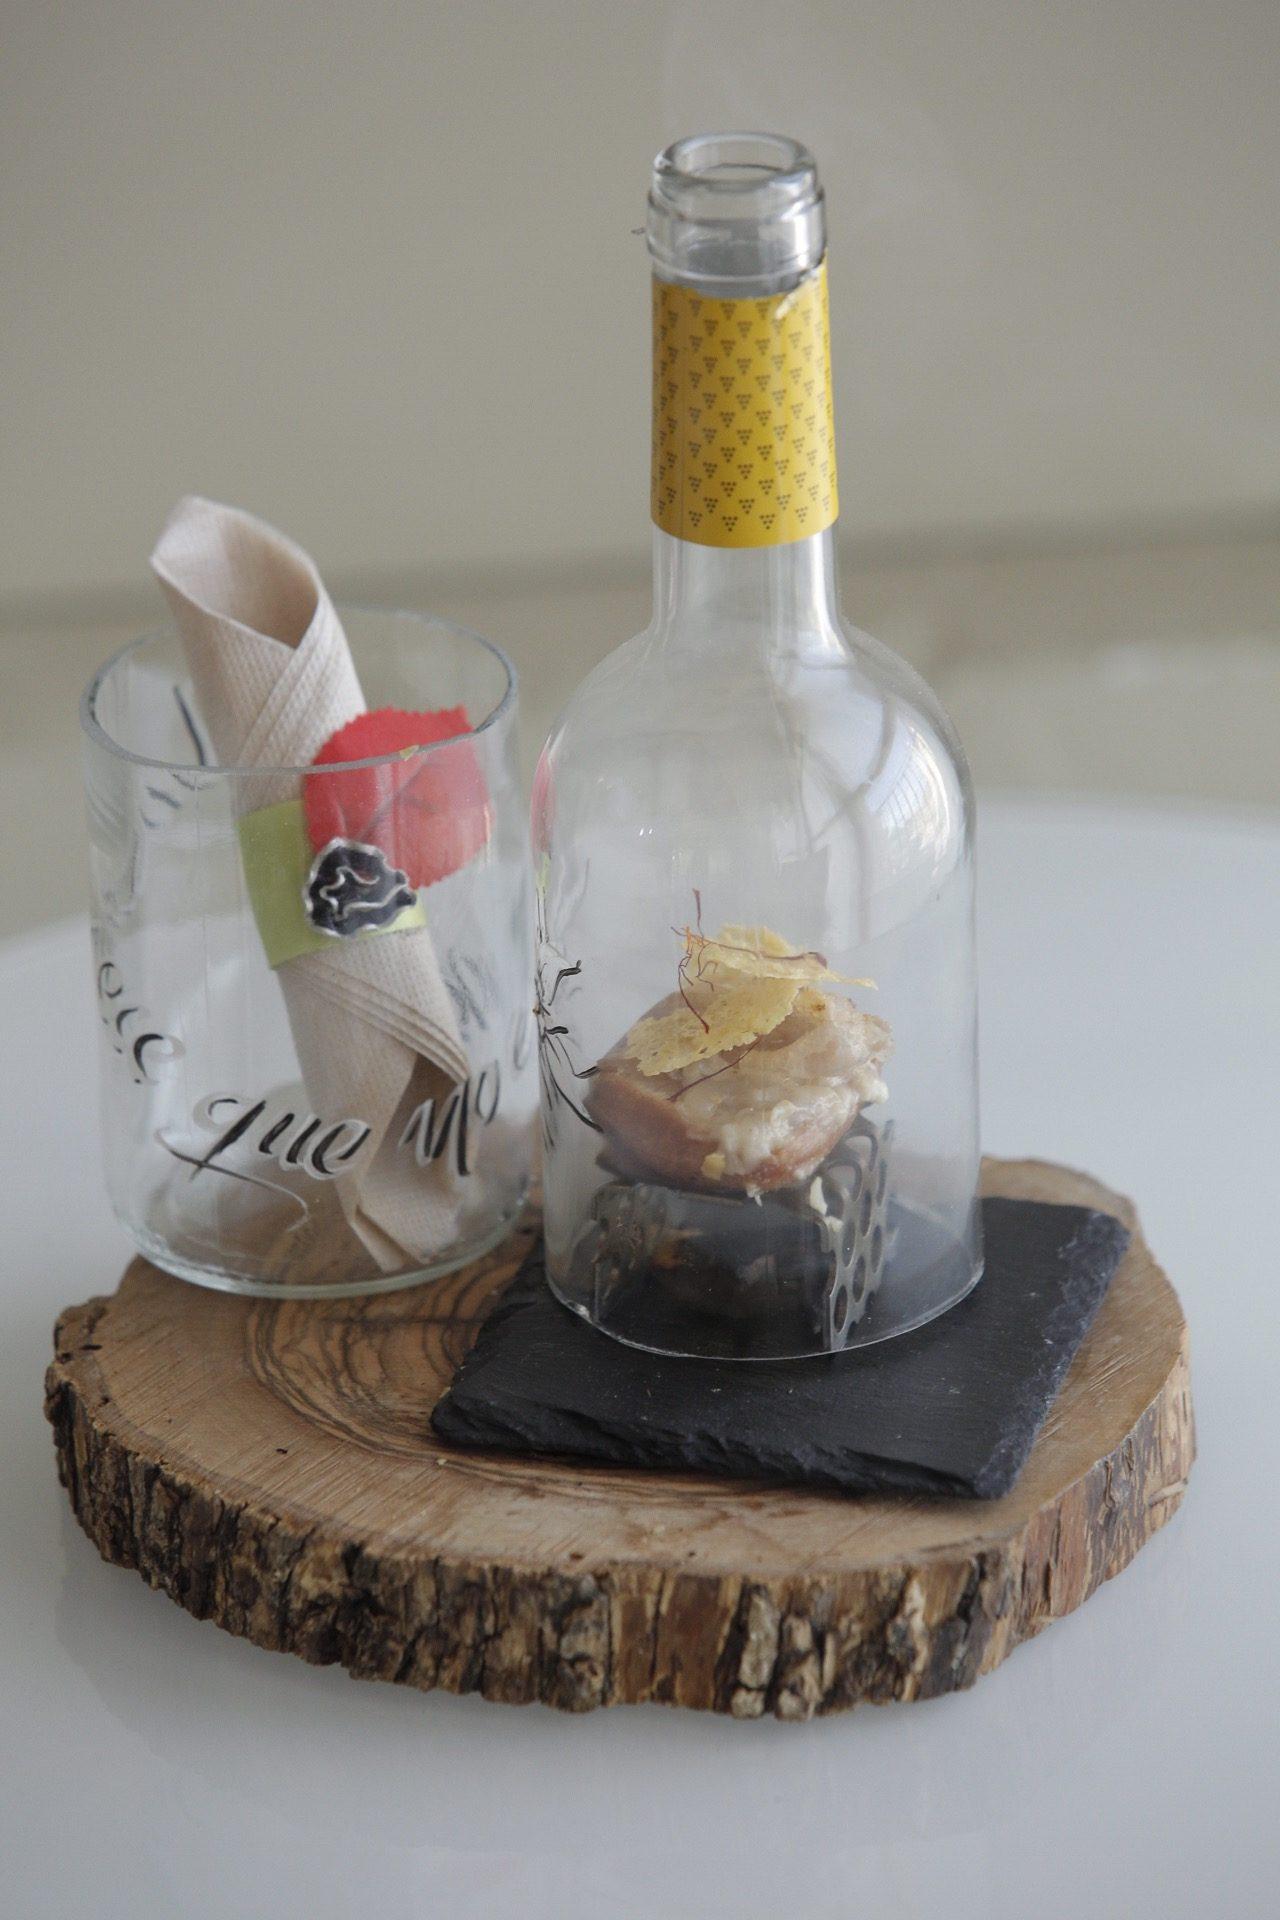 El Restaurante Lillium de Jaca consigue alzarse con el Premio a la mejor tapa de la provincia de Huesca en el Concurso Provincial de Tapas de 10 celebrado en la Bodega Viñas del Vero.